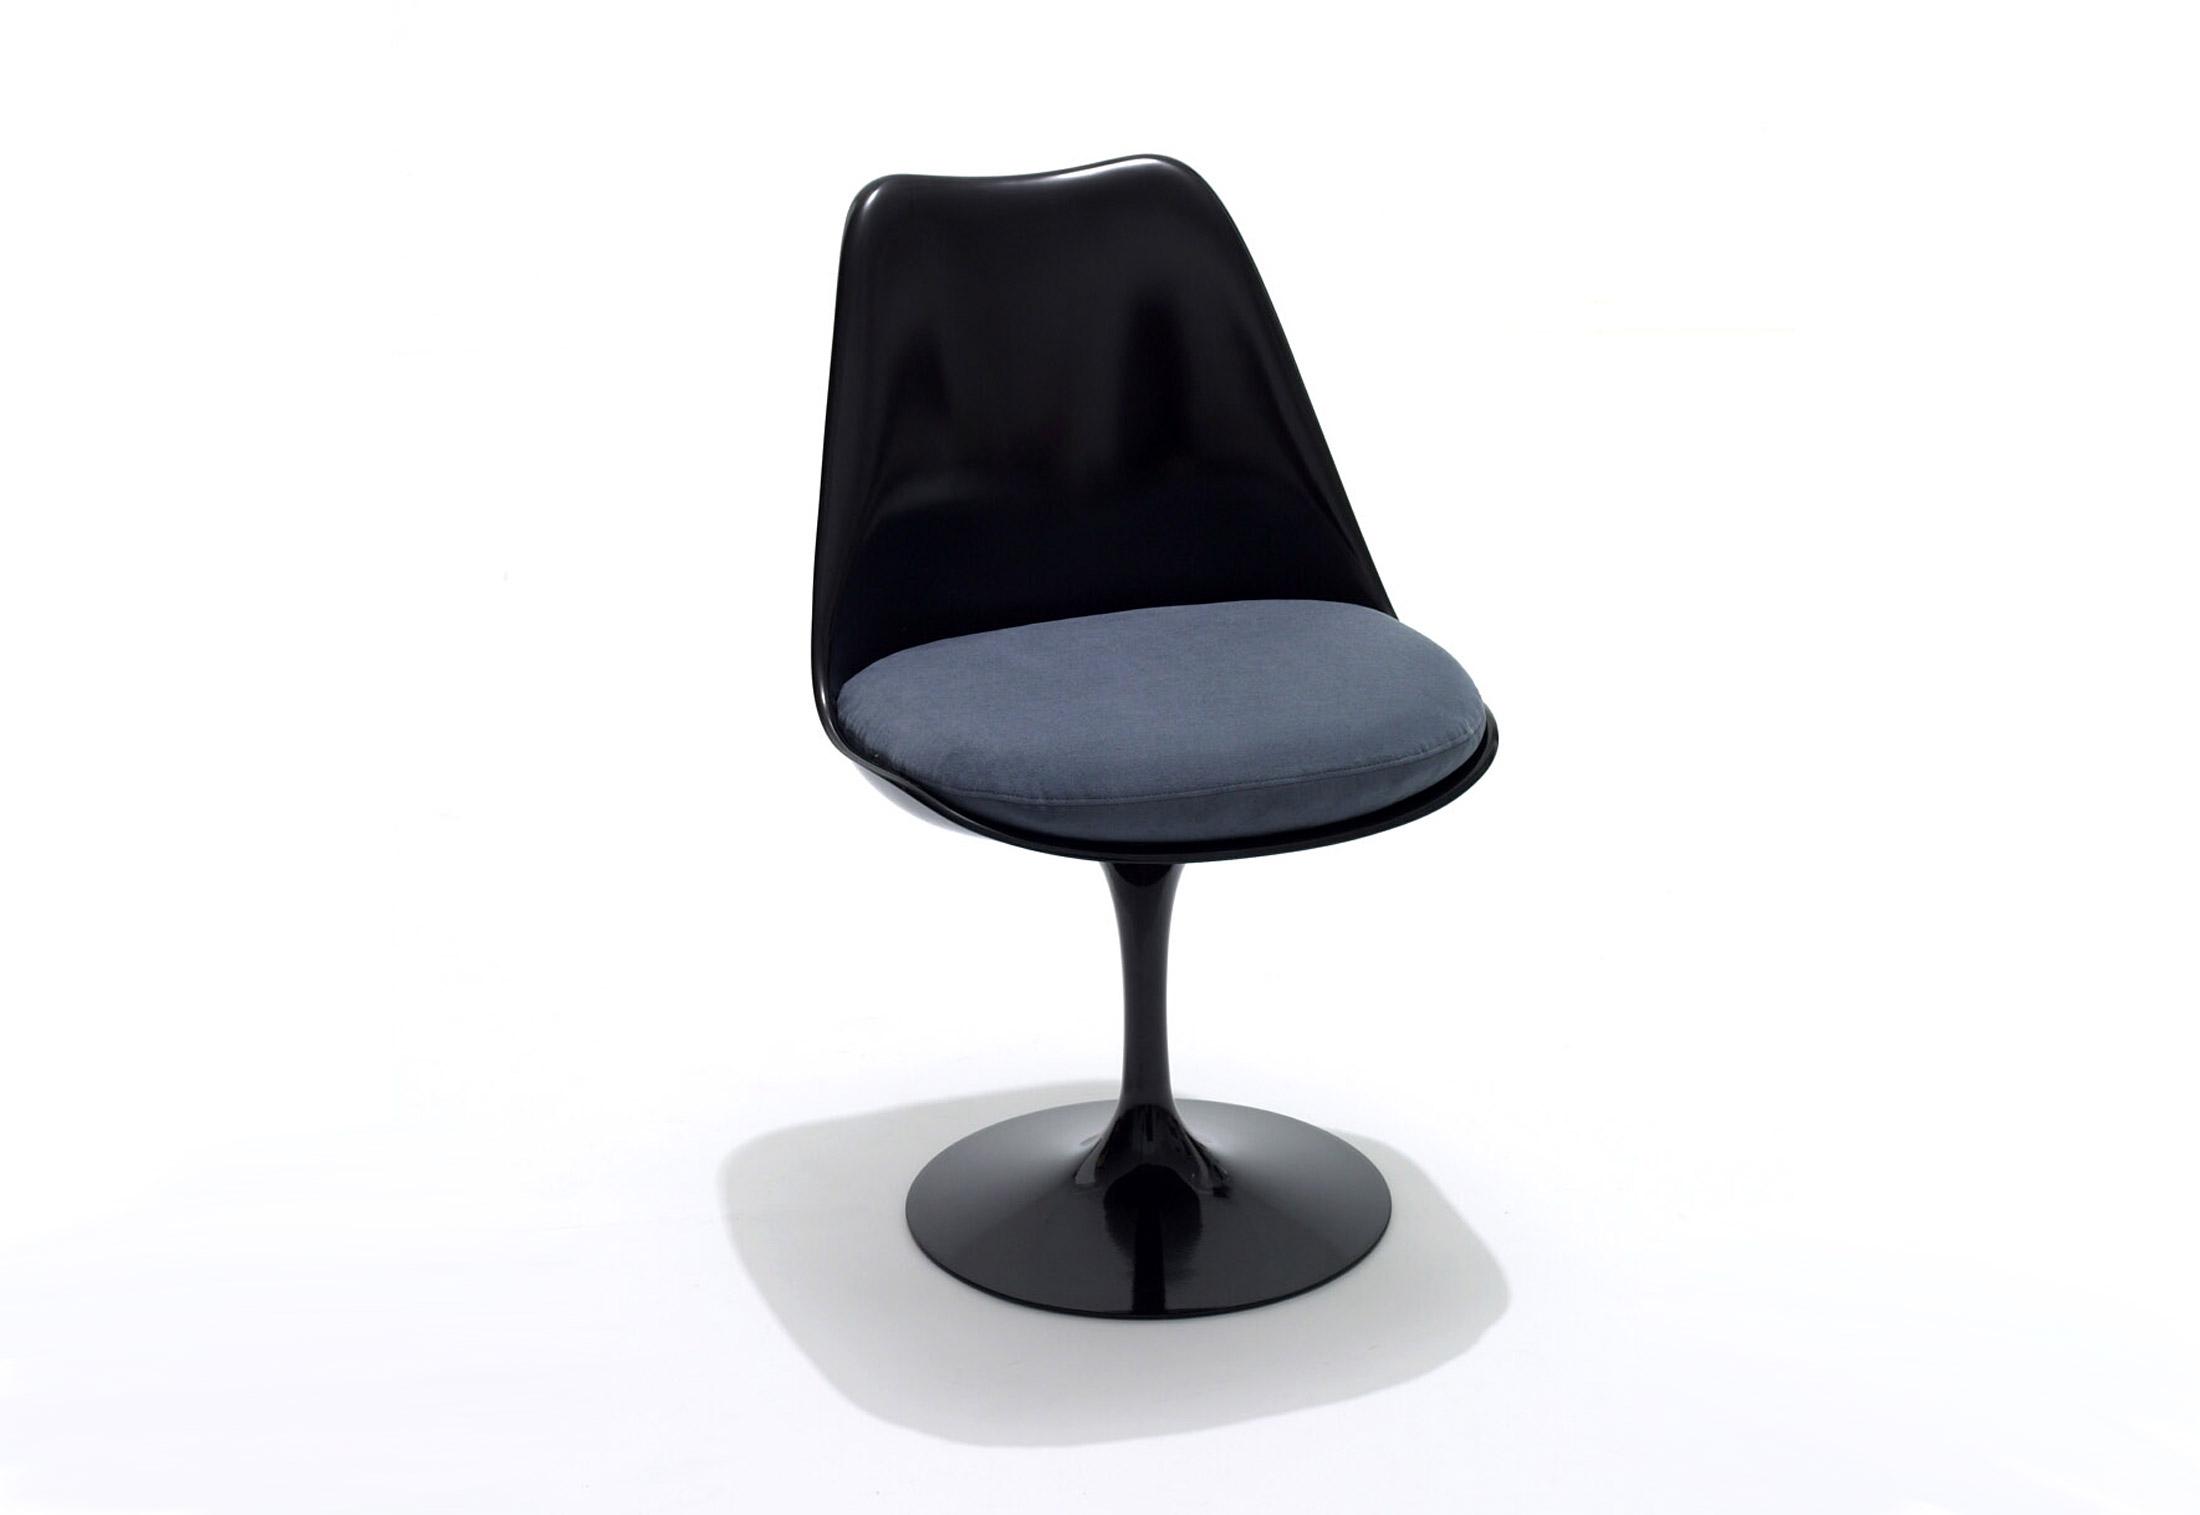 Tulip chair di knoll sedie poltroncine arredamento mollura home design - Sedia tulip knoll ...